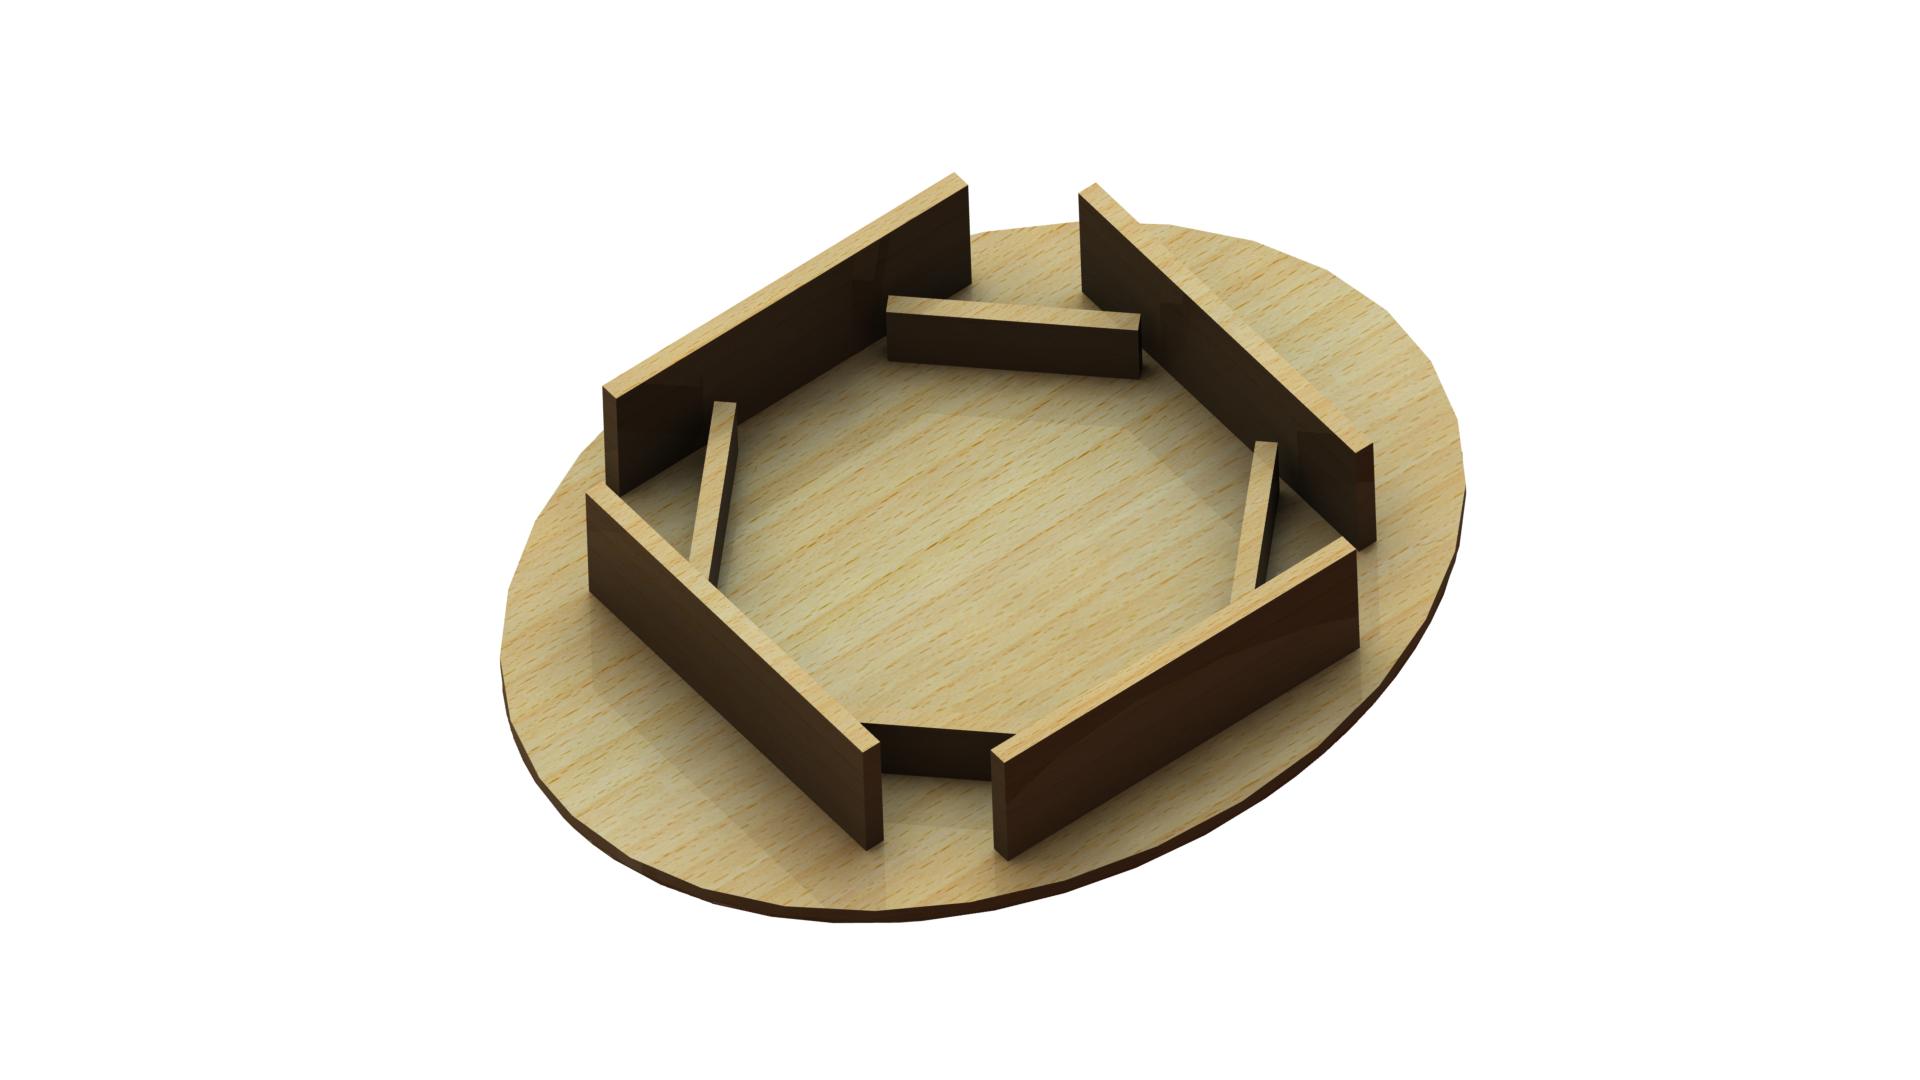 Holztischplatte für Sitzwürfel